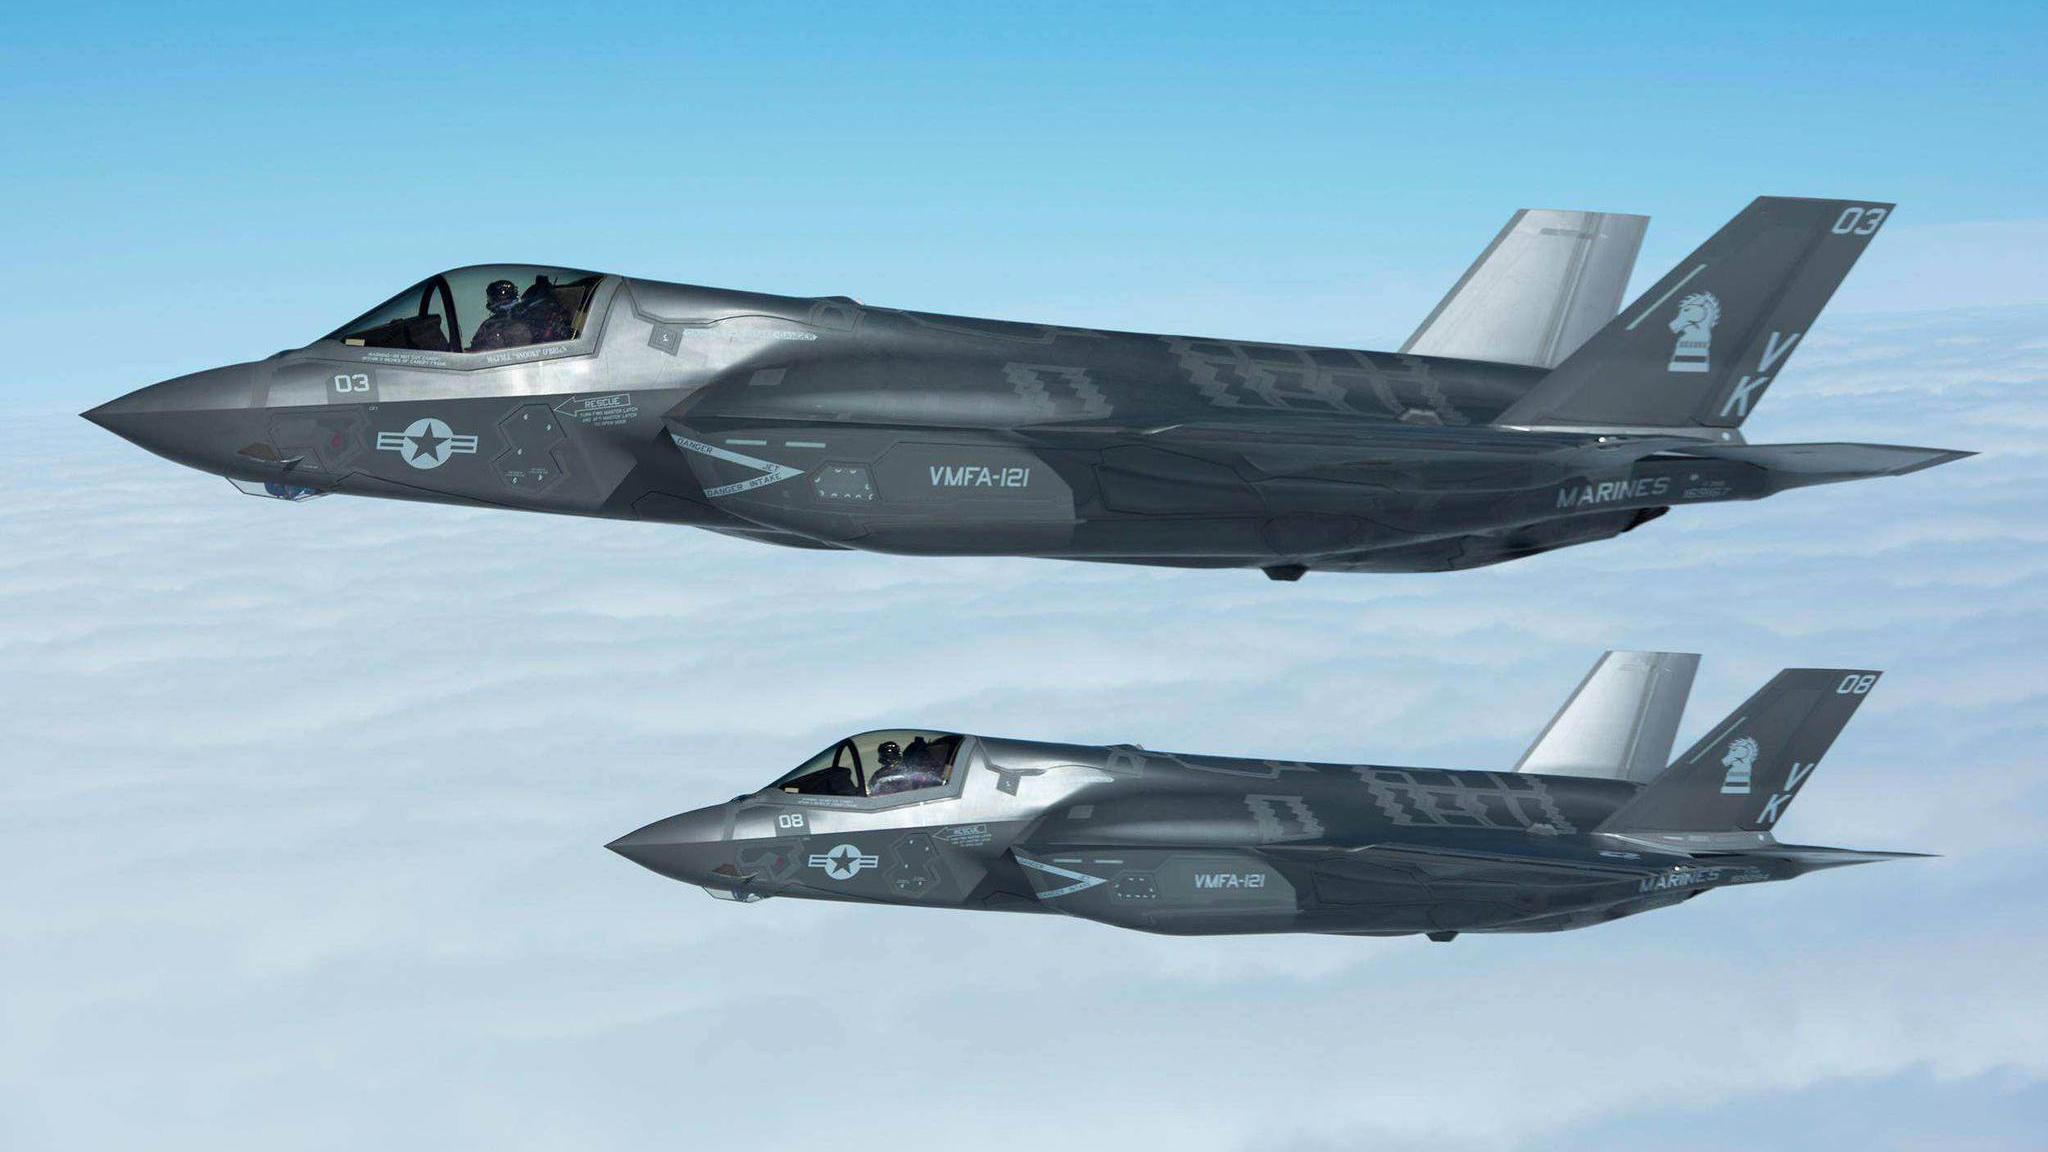 """洛马""""浑水摸鱼"""",将低价螺栓用在关键部位,难怪F-35问题不断"""